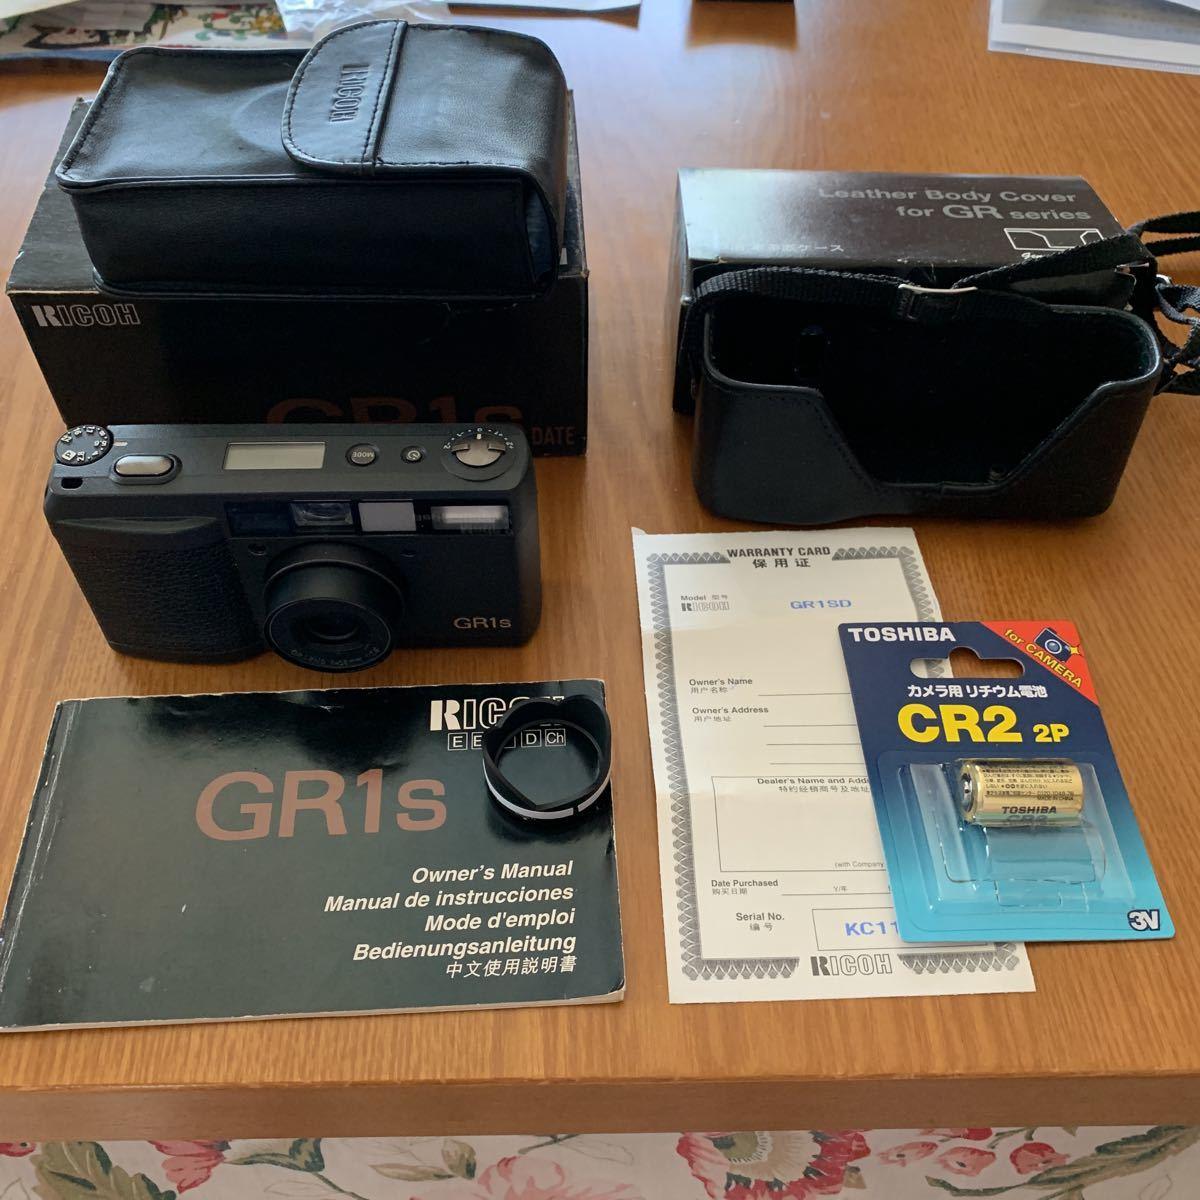 リコー Ricoh フィルム コンパクトカメラ GR1s 中古美品